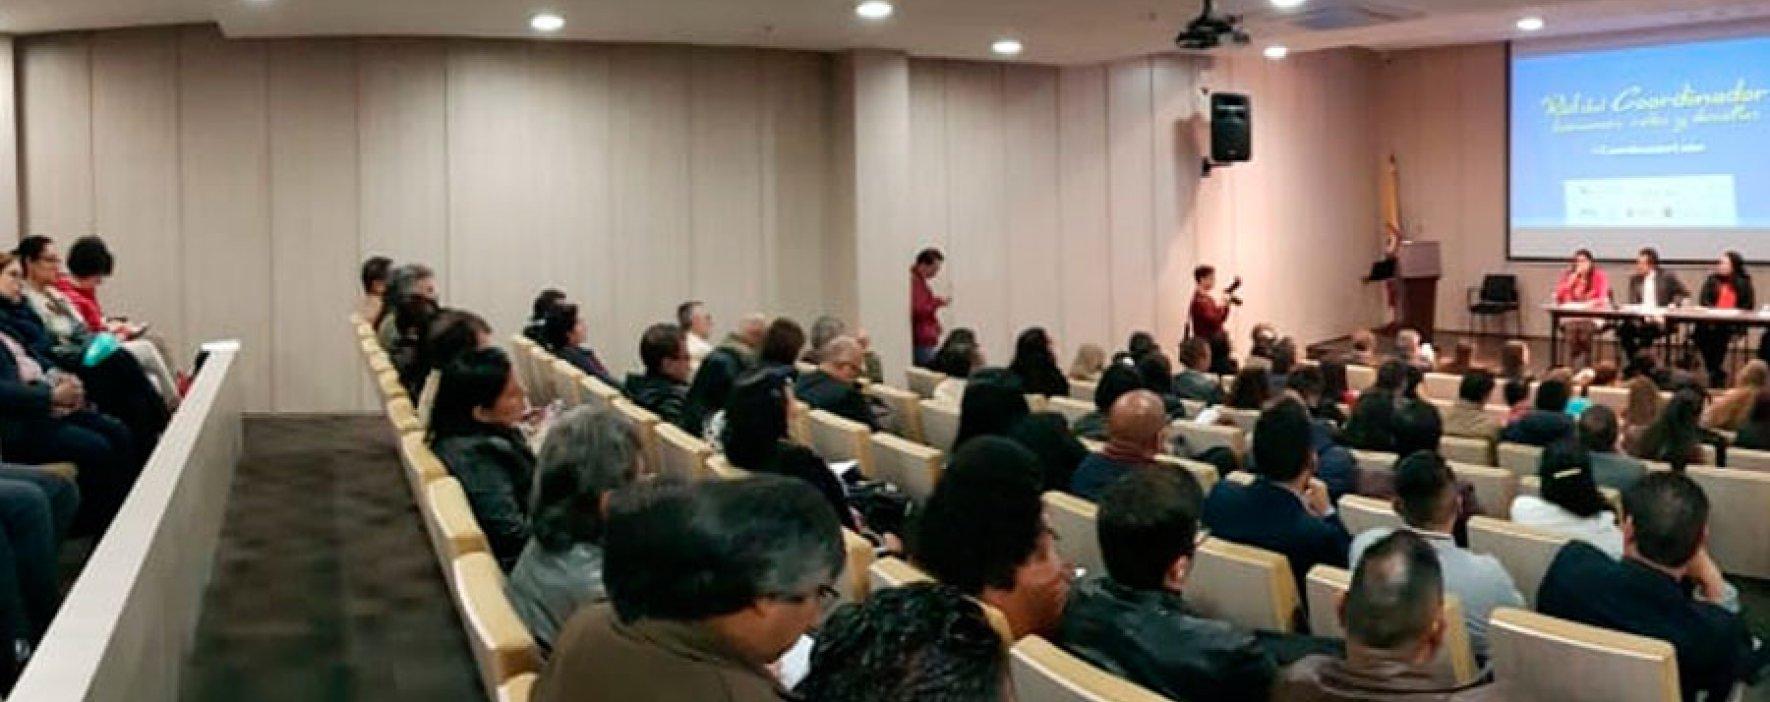 Con éxito se desarrolló el conversatorio 'Rol del Coordinador: tensiones, retos y desafíos'